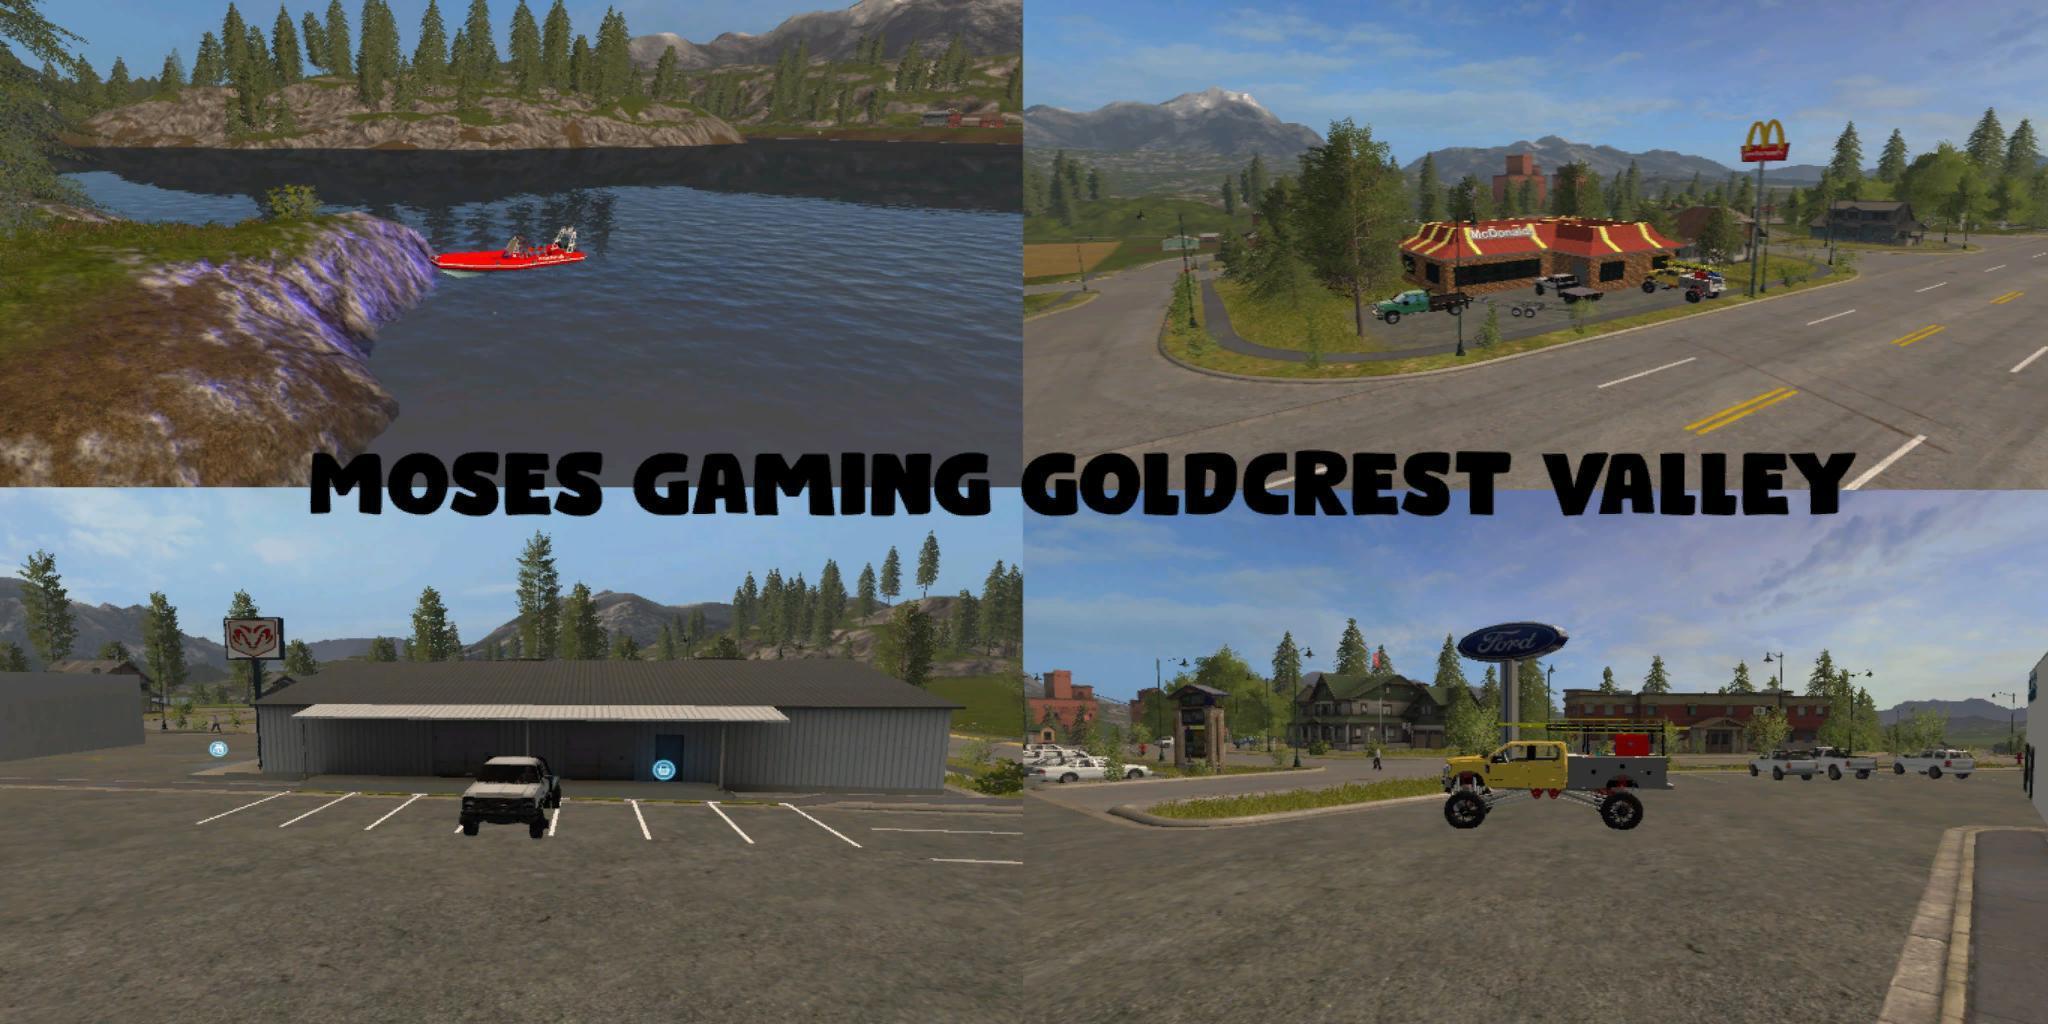 MOSES GAMING GOLDCREST VALLEY V1.0